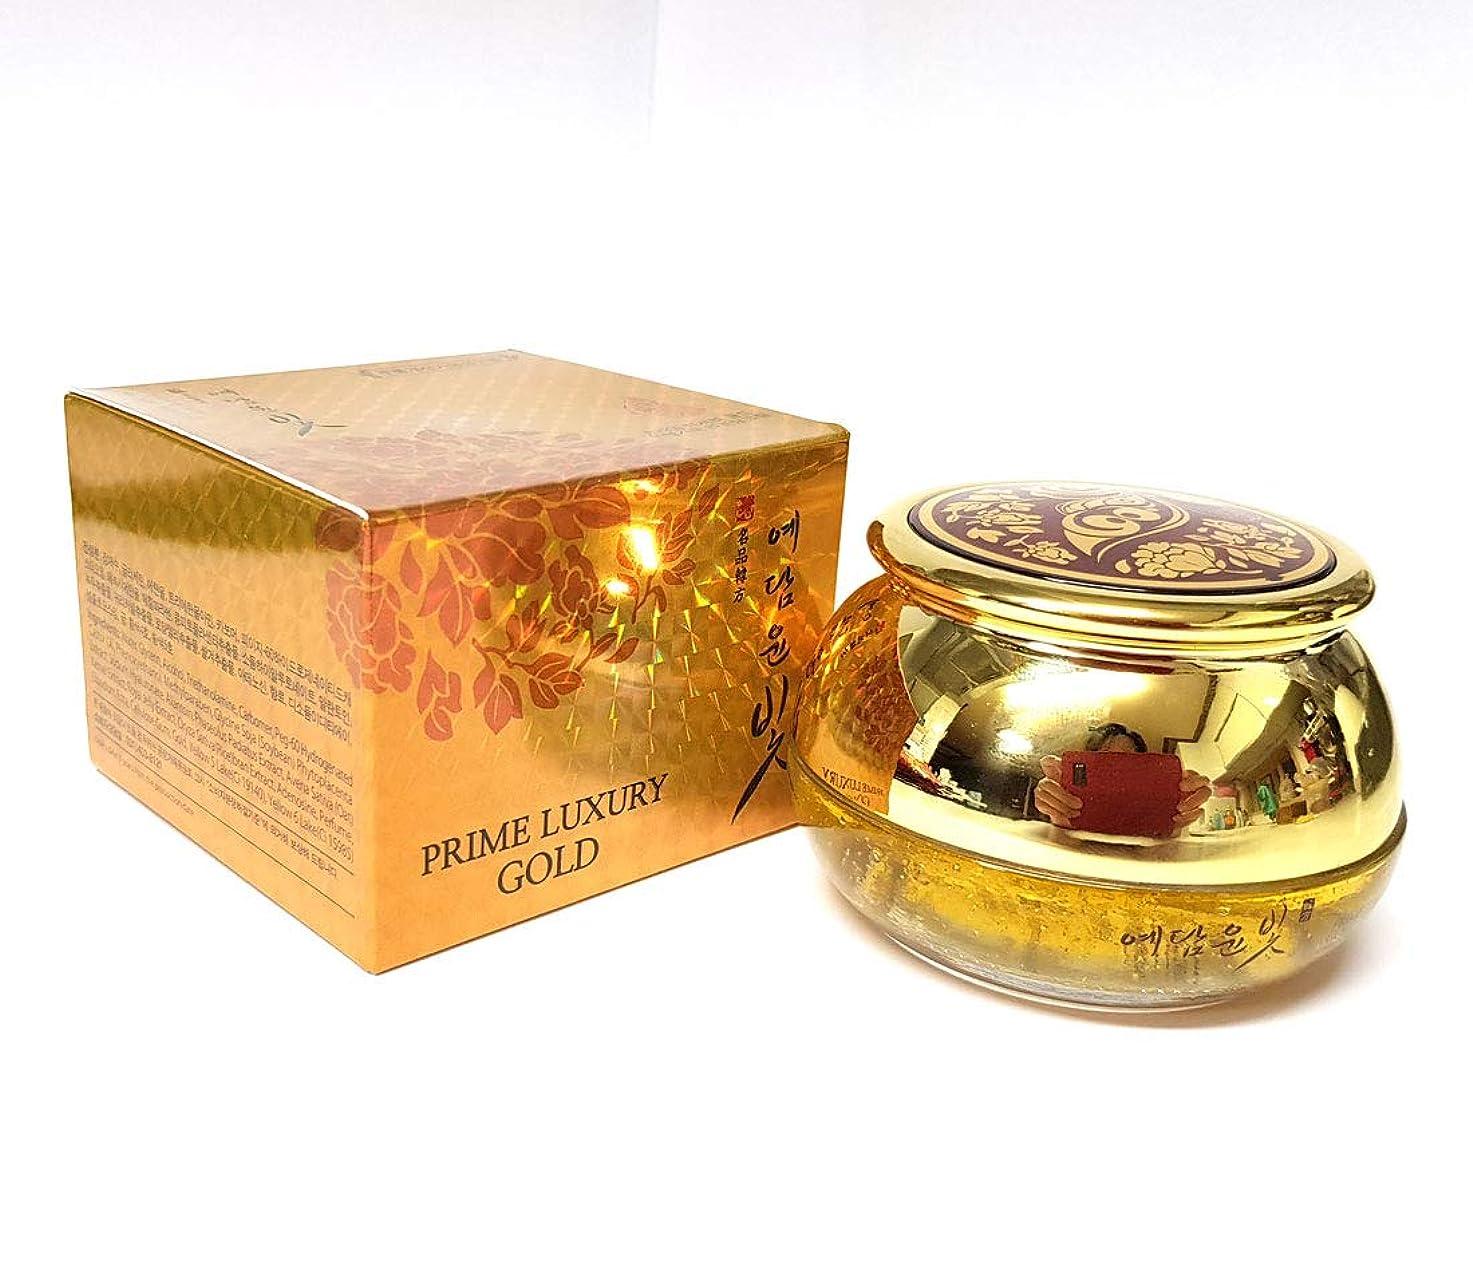 狂信者誤解させるママ[YEDAM YUNBIT] プライムラグジュアリーゴールドリフティングクリーム50g/ Prime Luxury Gold Lifting Cream 50g /ゴールドエキス/gold extract/しわ改善、保湿/wrinkle improvement, moisturizes/韓国化粧品/Korean Cosmetics [並行輸入品]